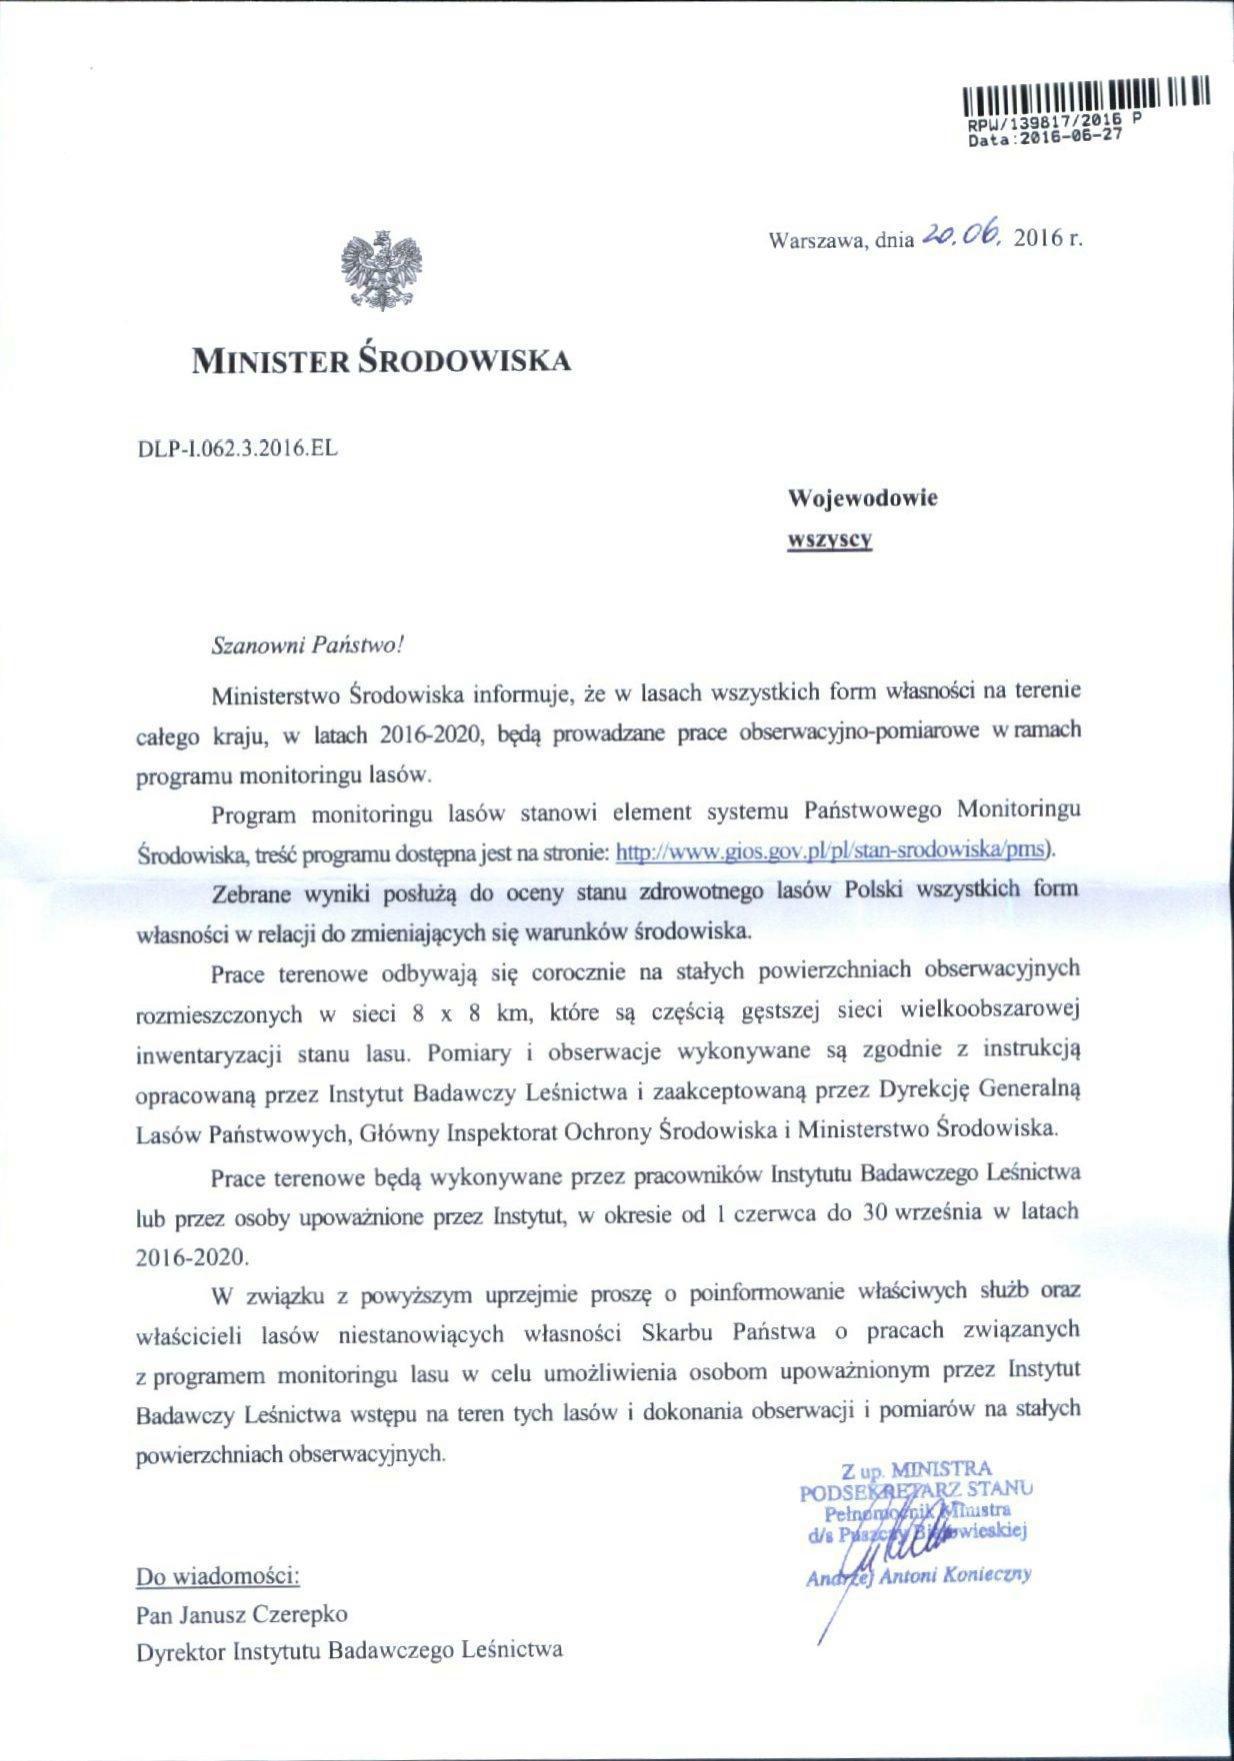 Pismo Ministra Środowiska dot. prac obserwacyjno-pomiarowych w ramach programu monitoringu lasów.(2574823_1830982)_01